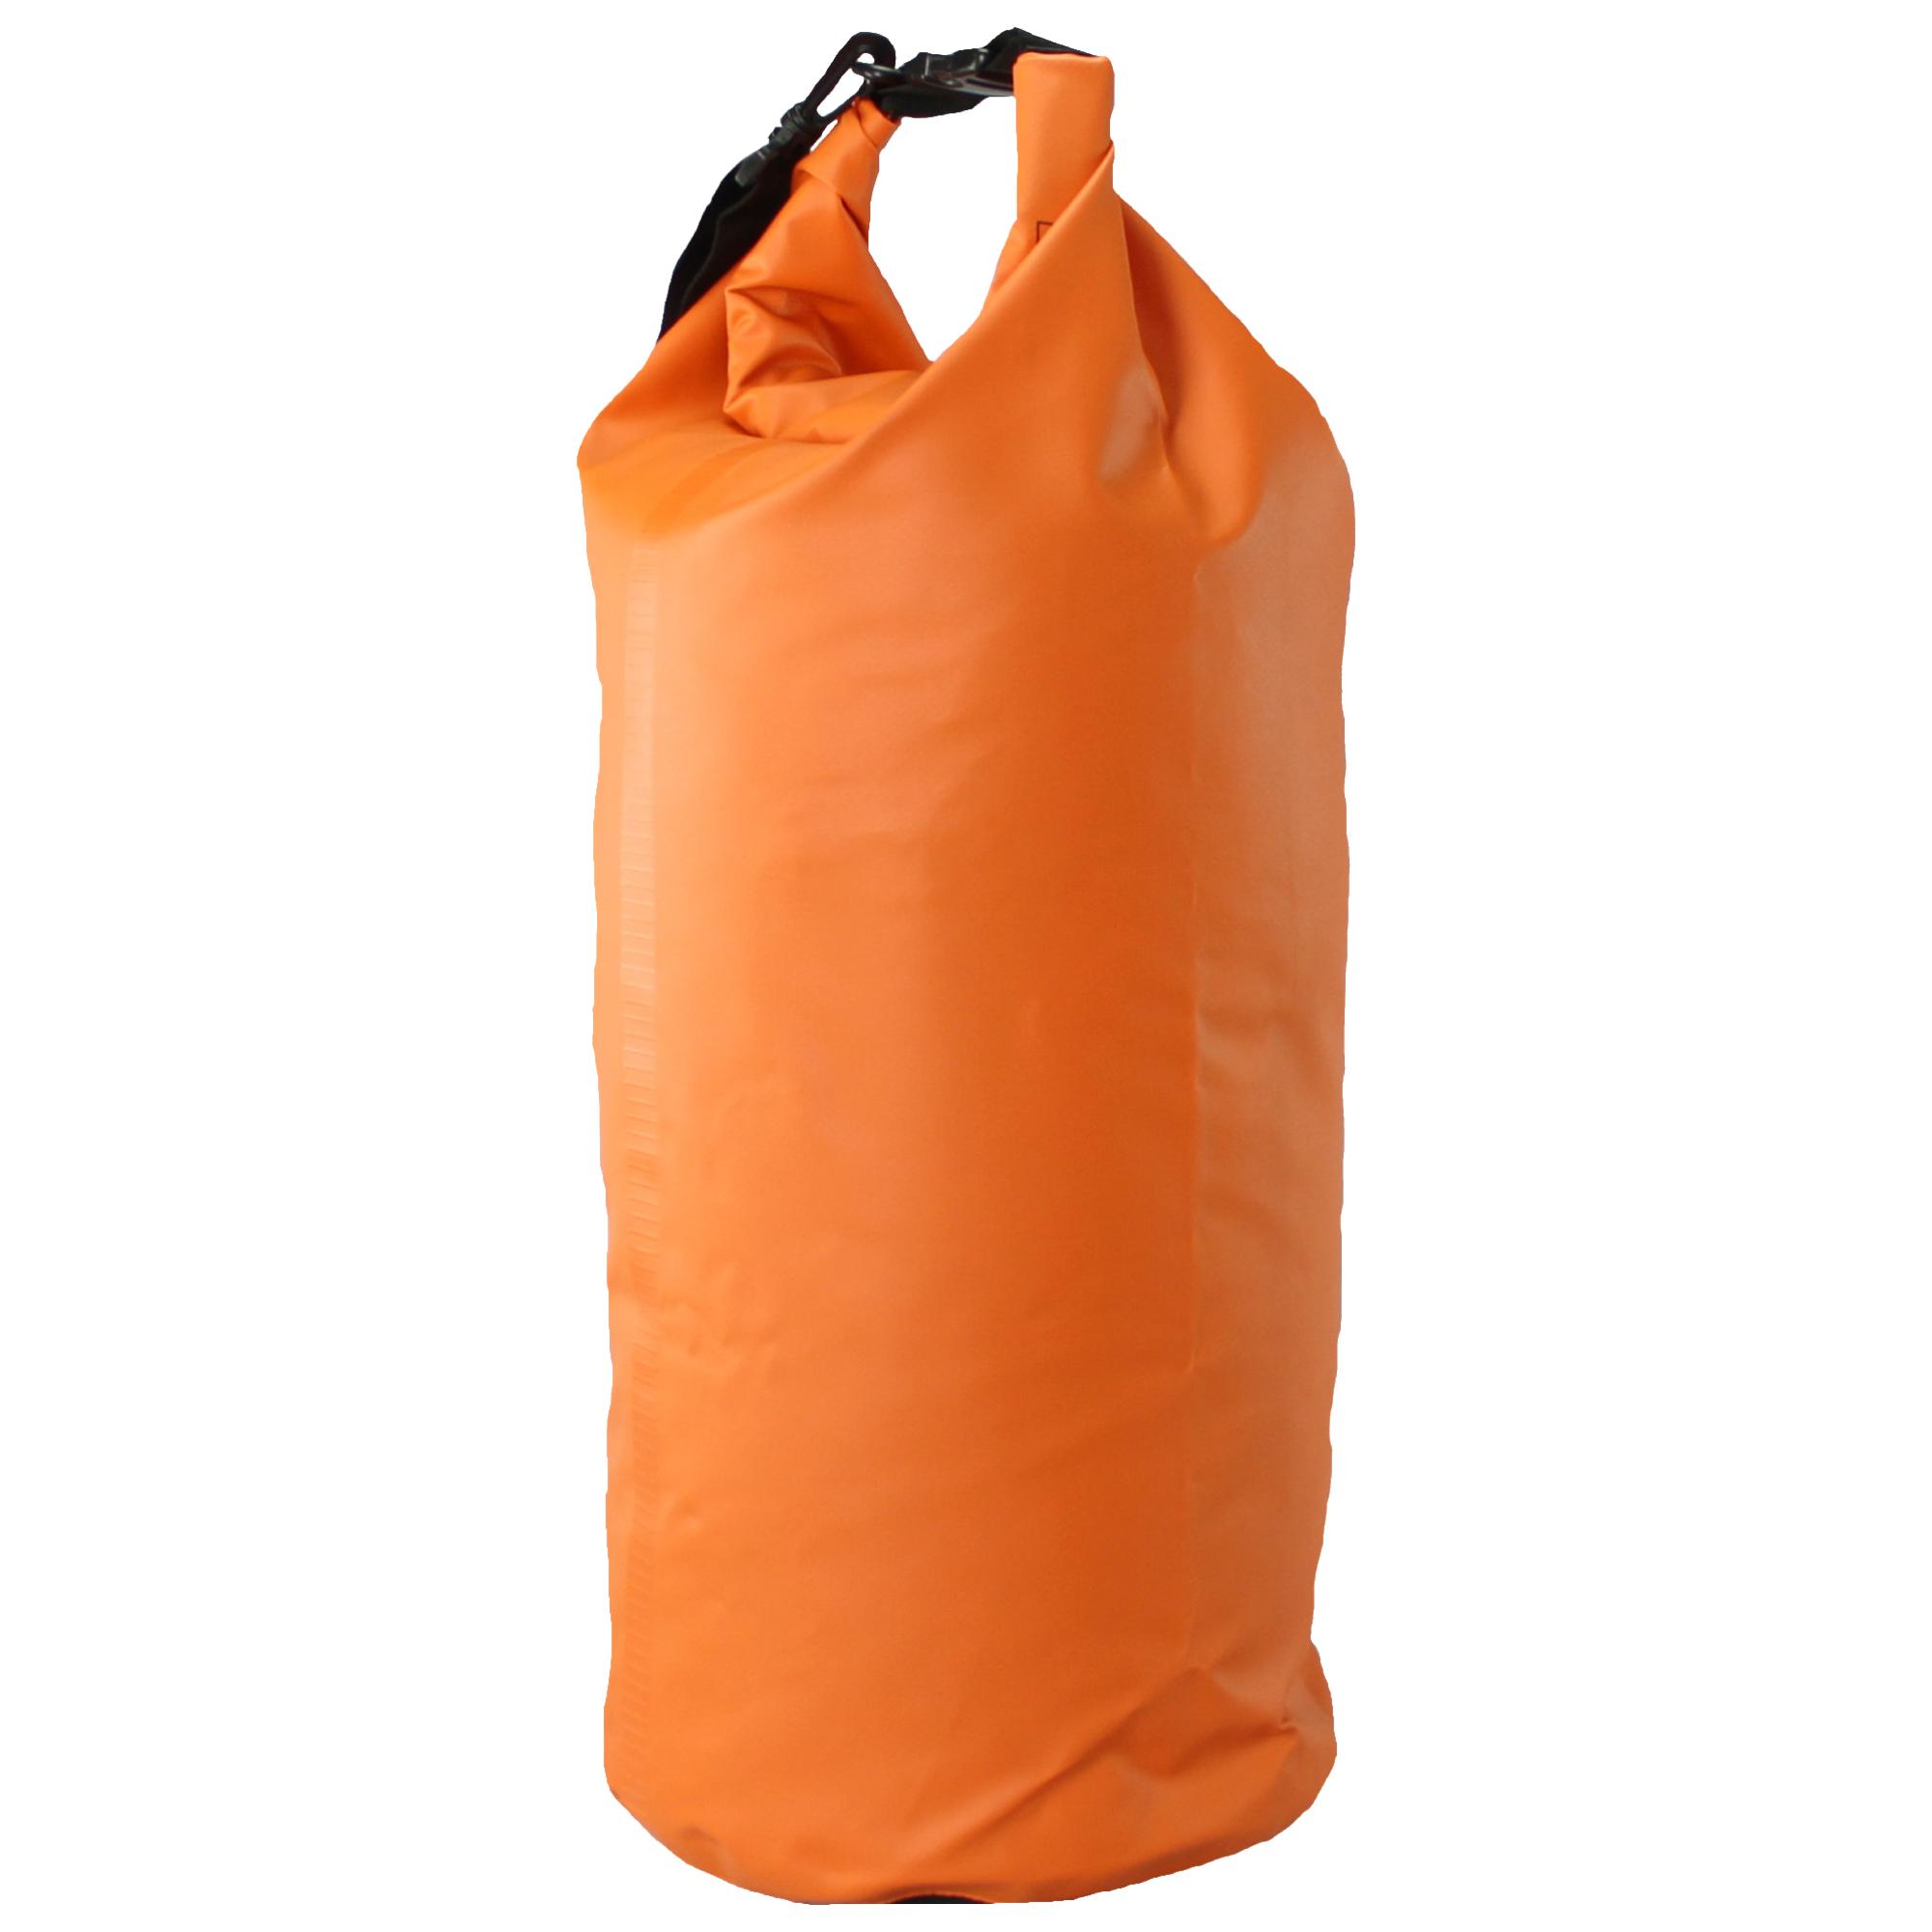 waterdichte zak 35 liter